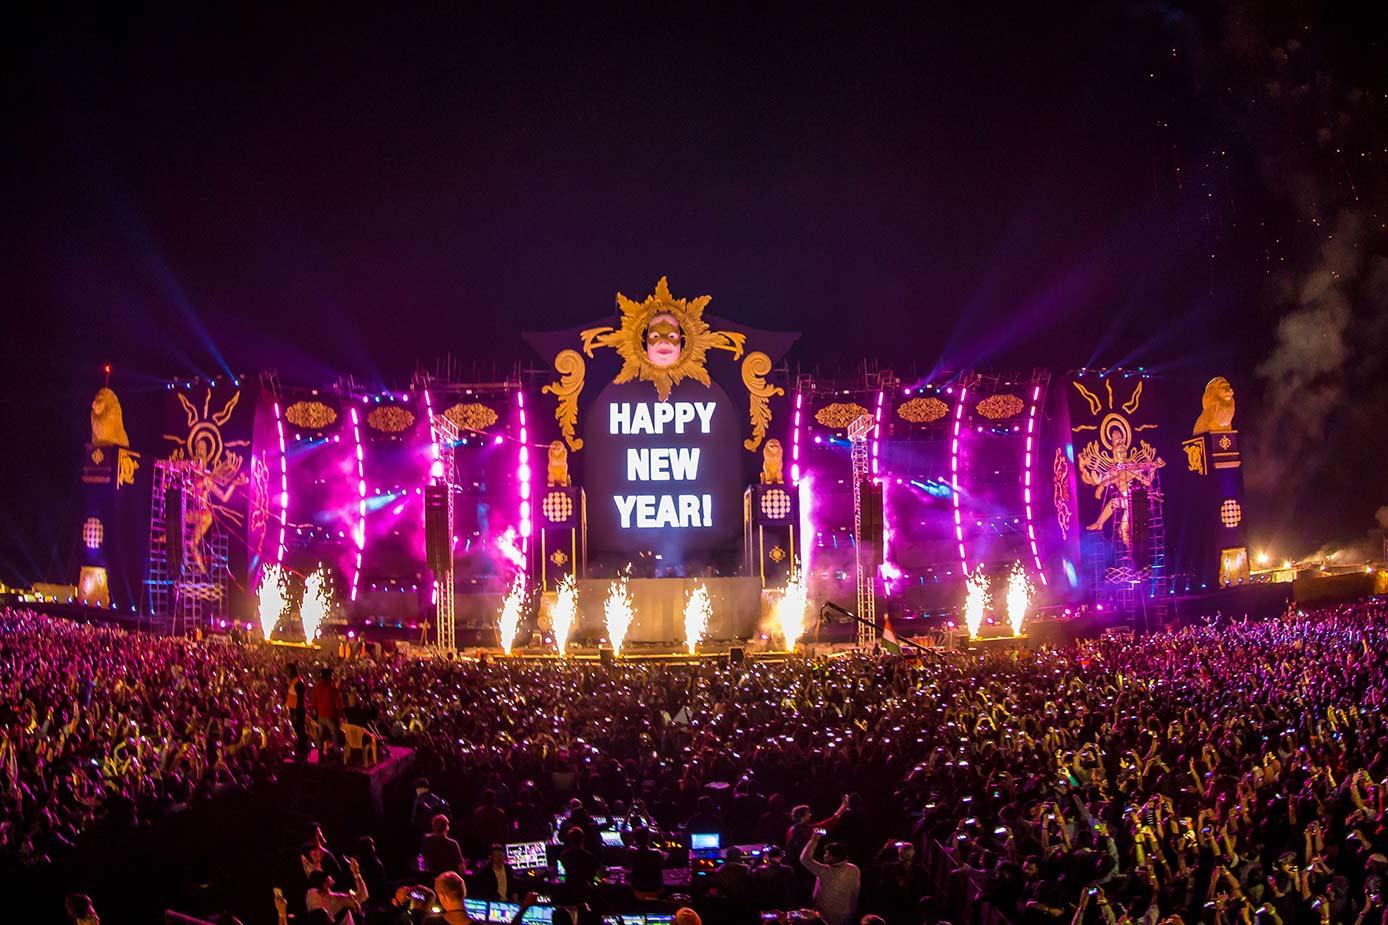 Sunburn, festival d'Electronic Dance Music (EDM), se tient chaque année en Inde à Pune, du 28 au 31 décembre. C'est l'un des 10 plus gros festivals au monde.